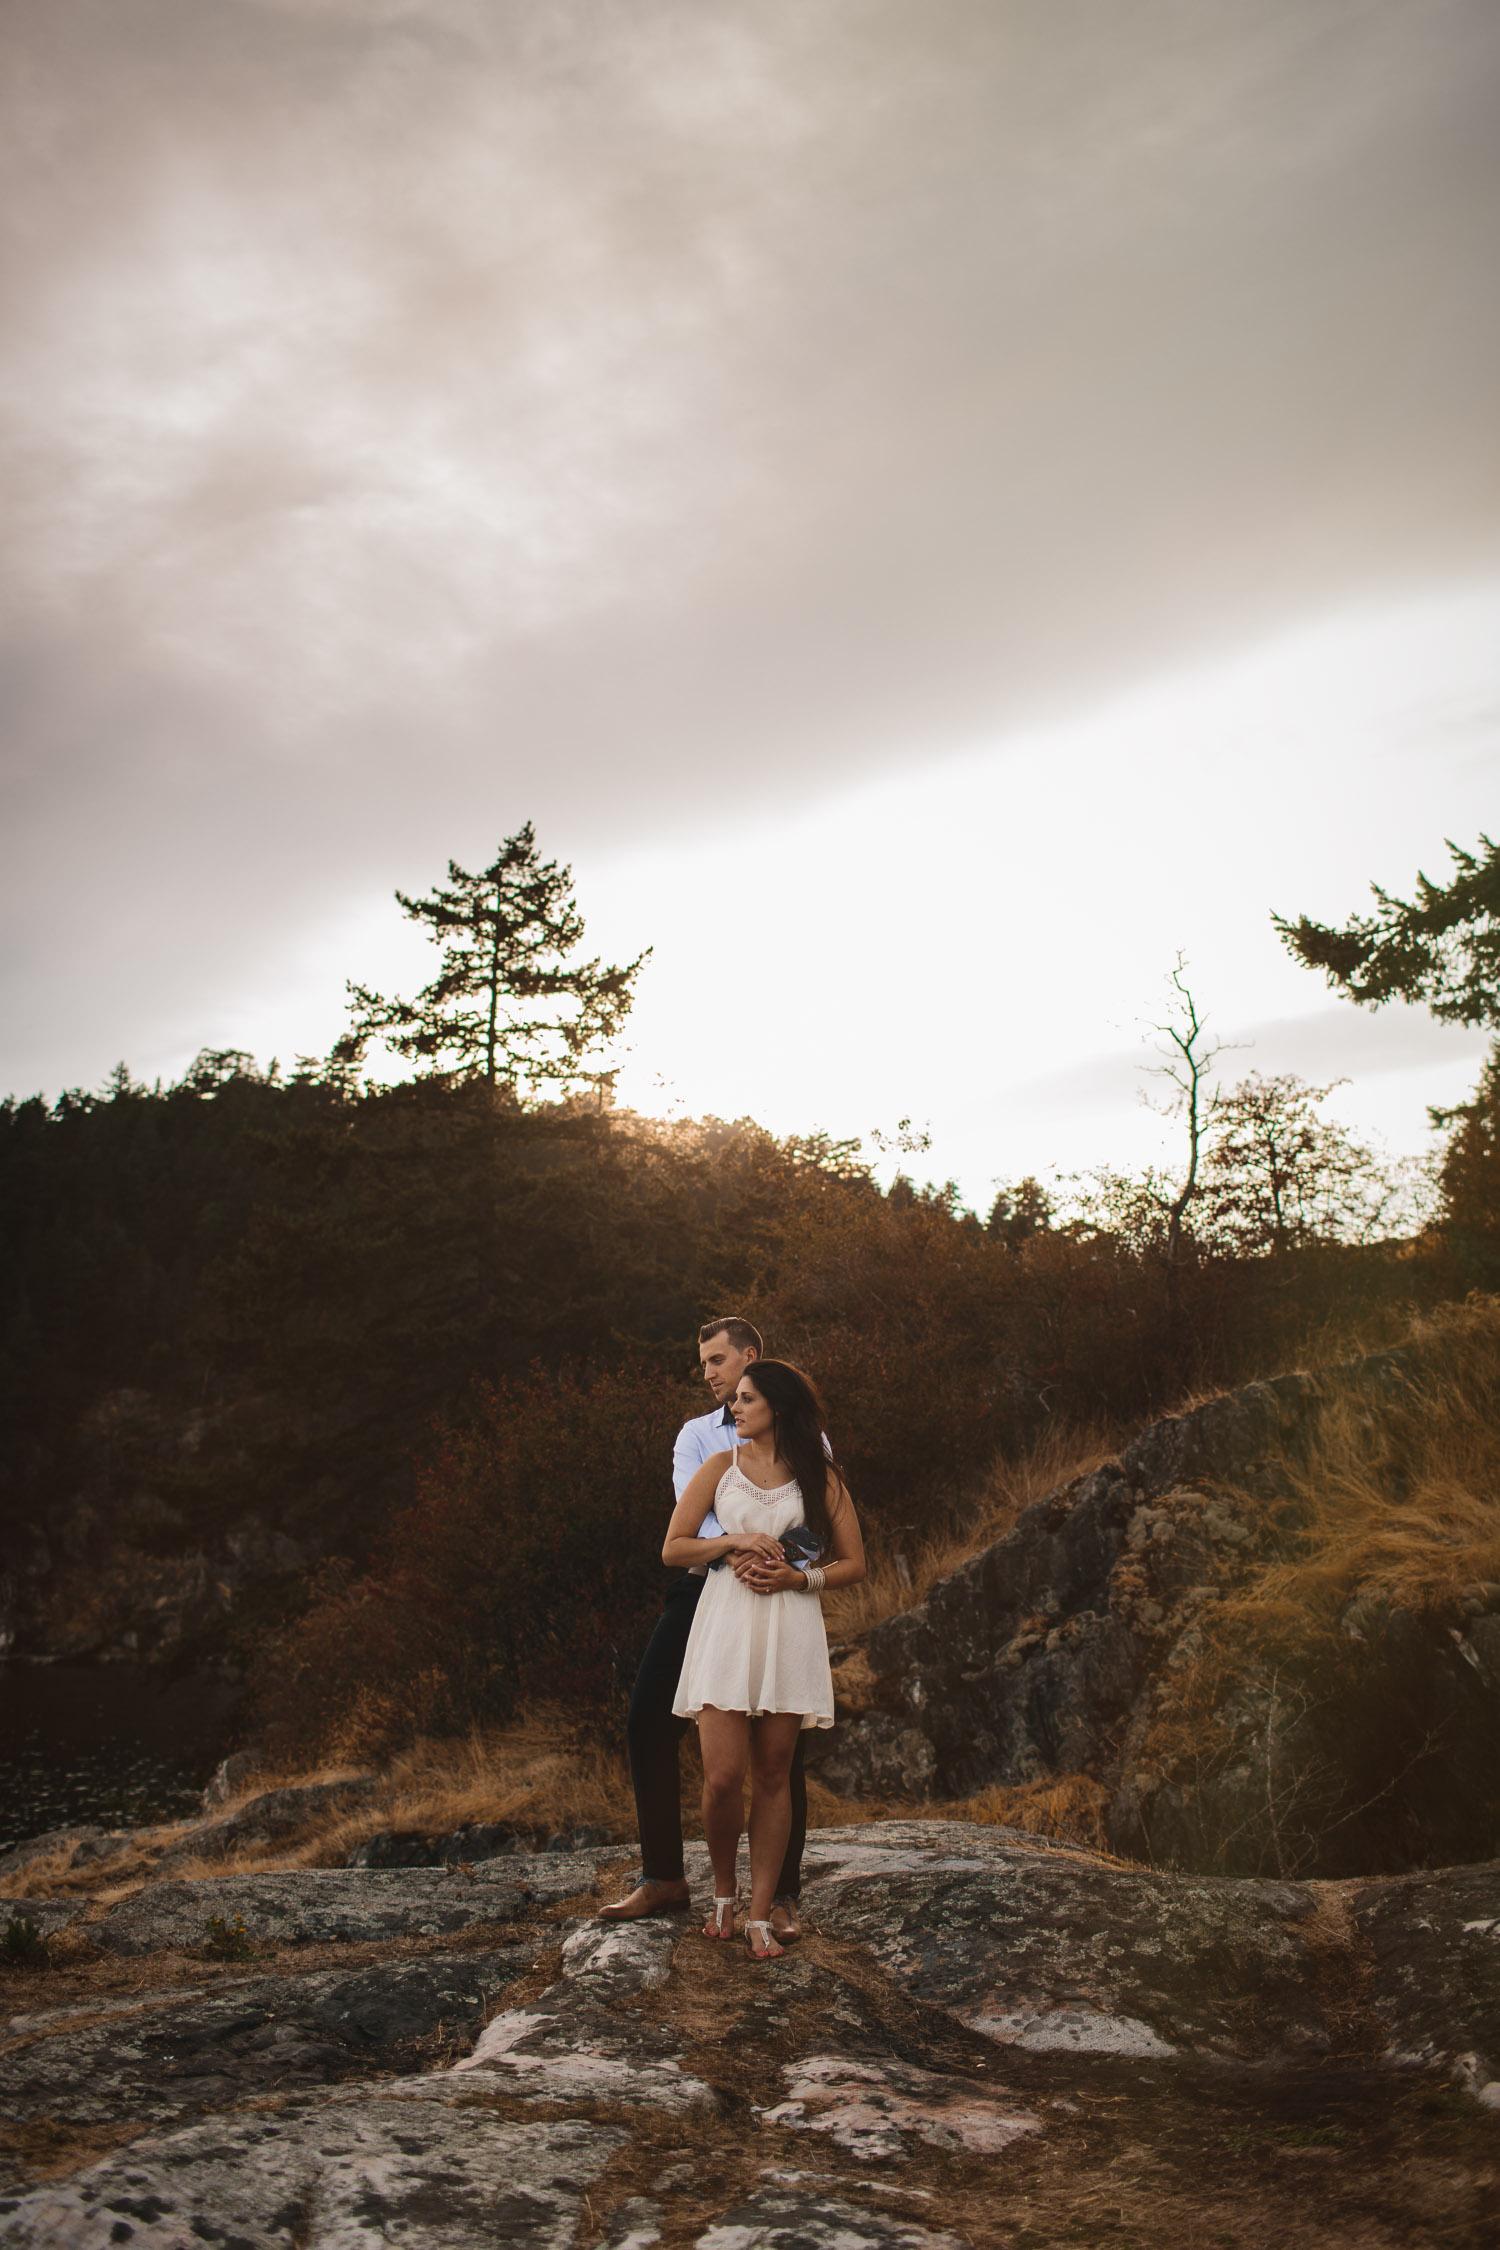 west vancouver caulfield park engagement photography